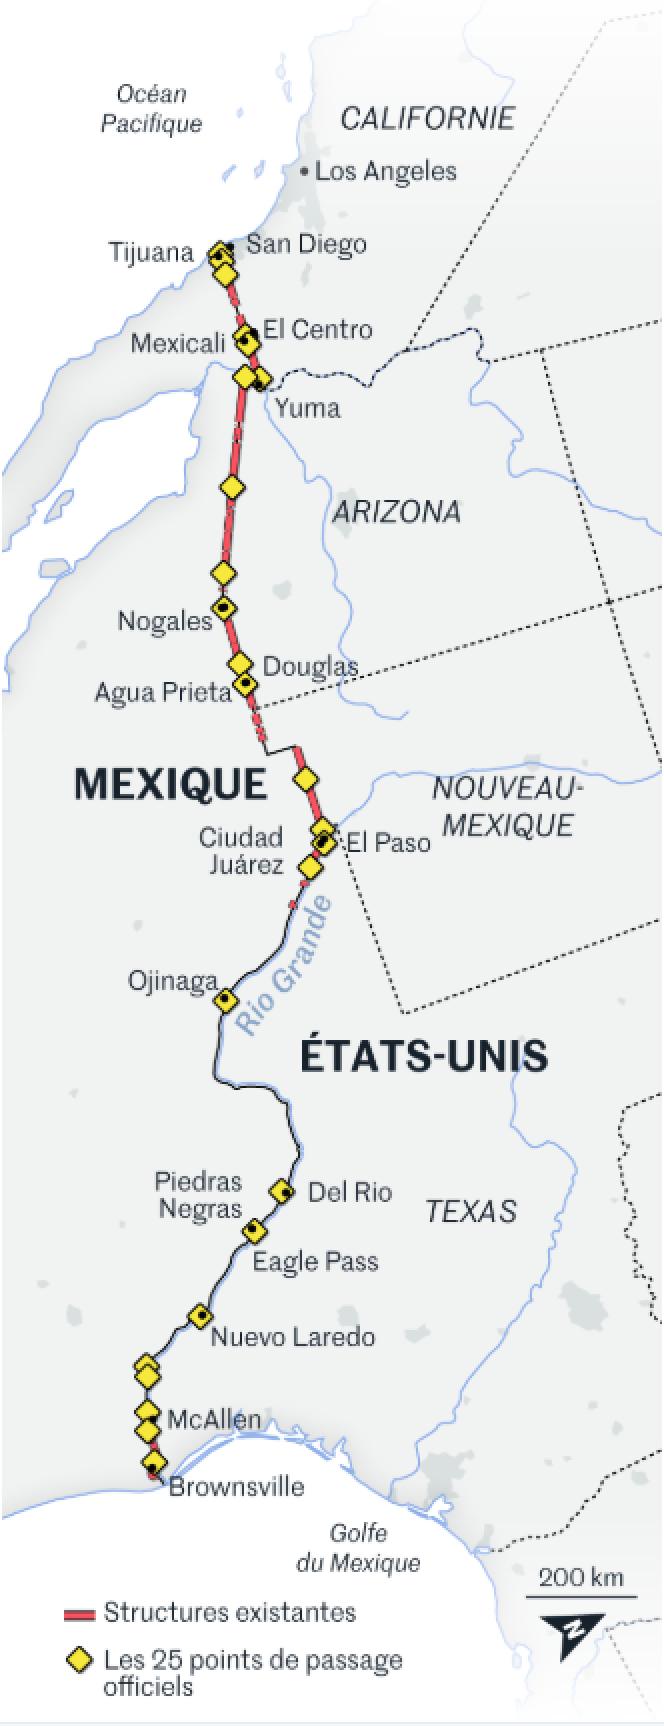 L'ouest de la frontière entre les Etats-Unis et le Mexique comporte déjà plus de 1 000 kilomètres de barrière.